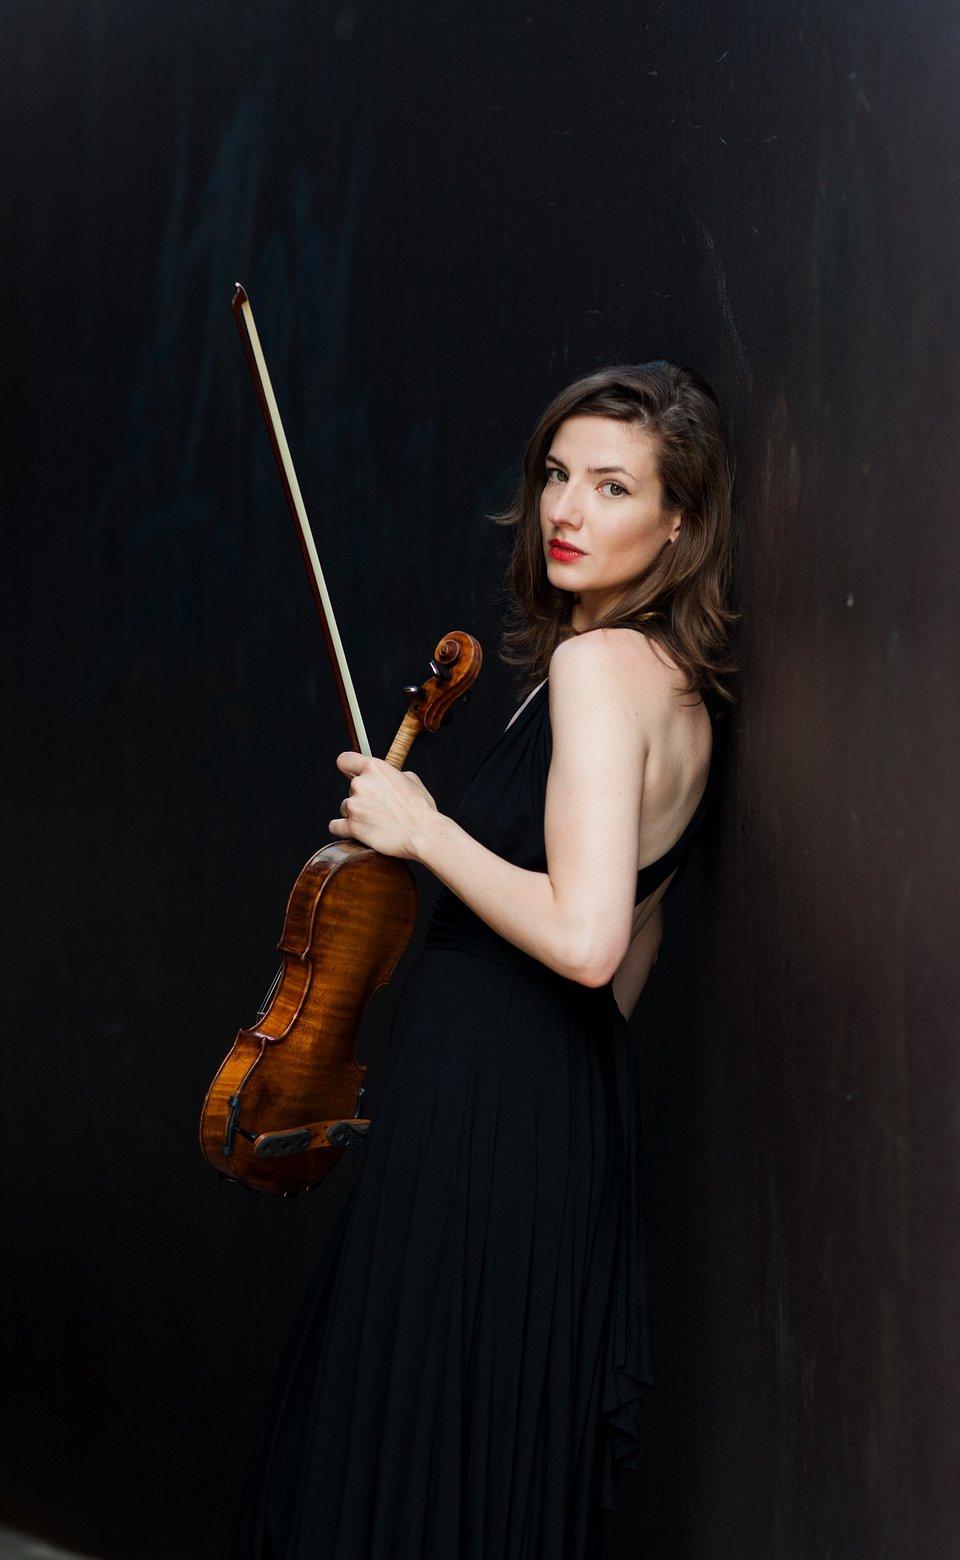 Maria Sławek (fot. Natalia Jansen)